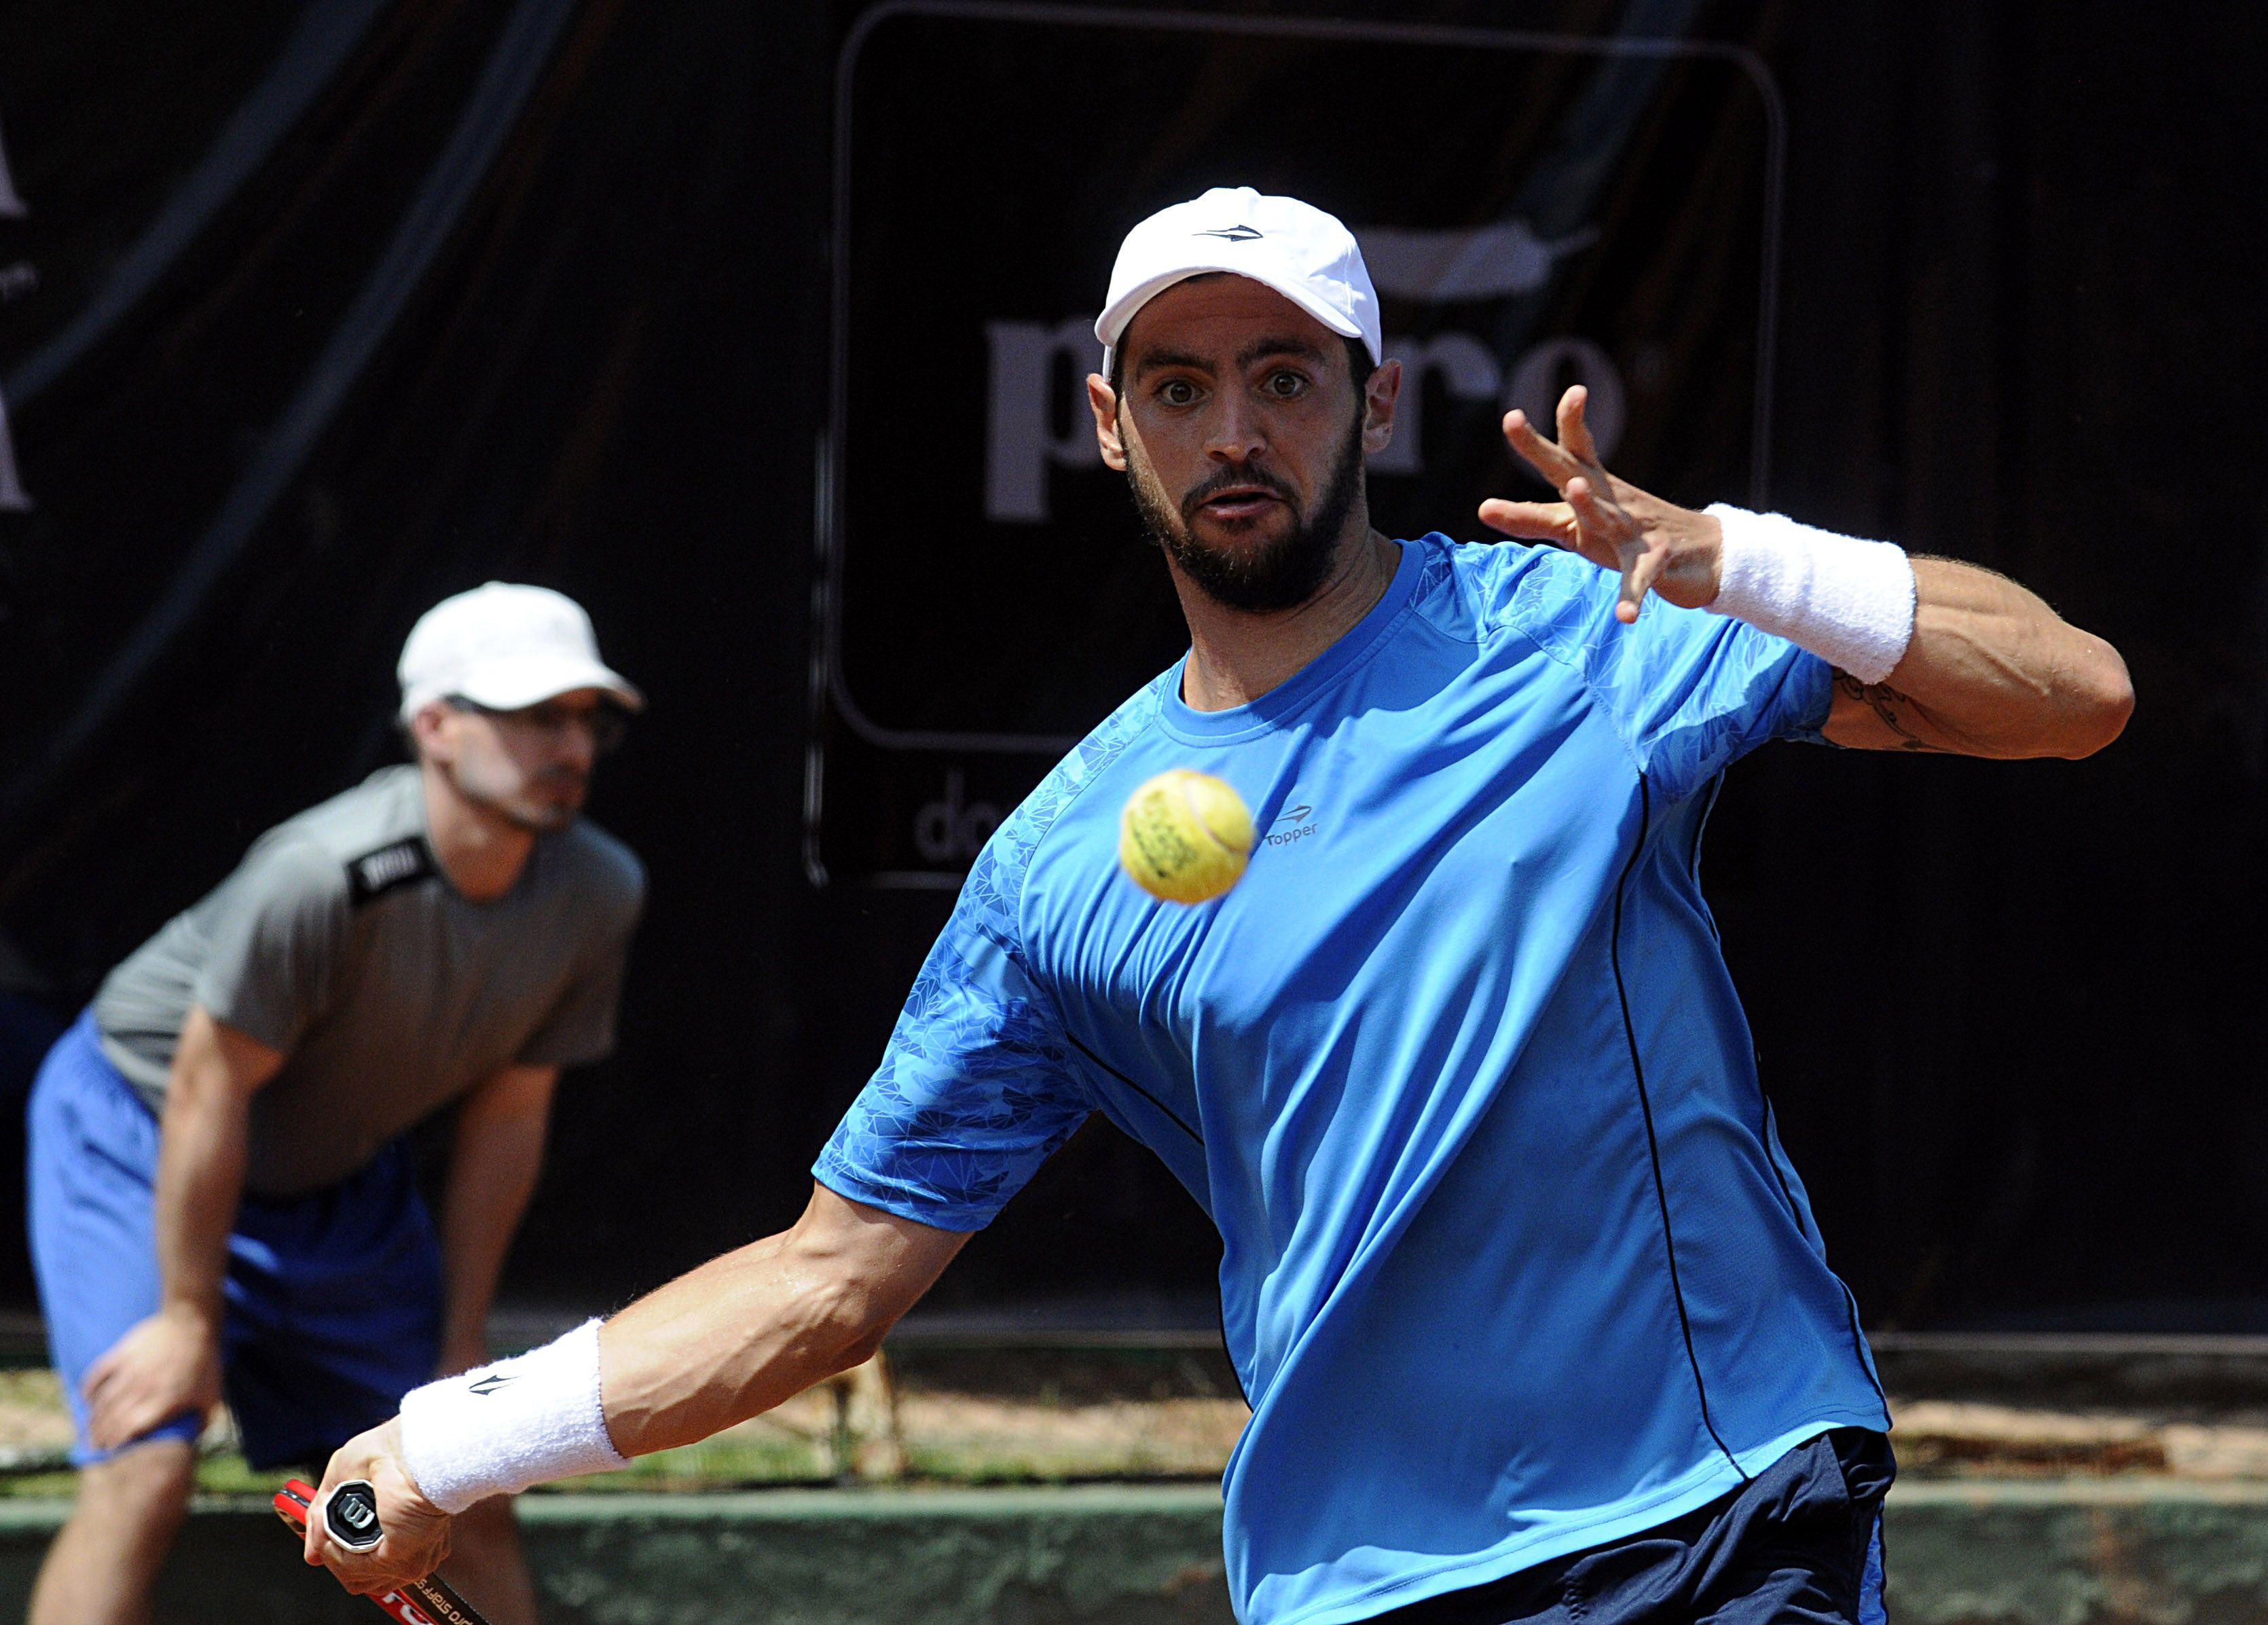 La jornada del ATP Challenger Tour en de Mendoza